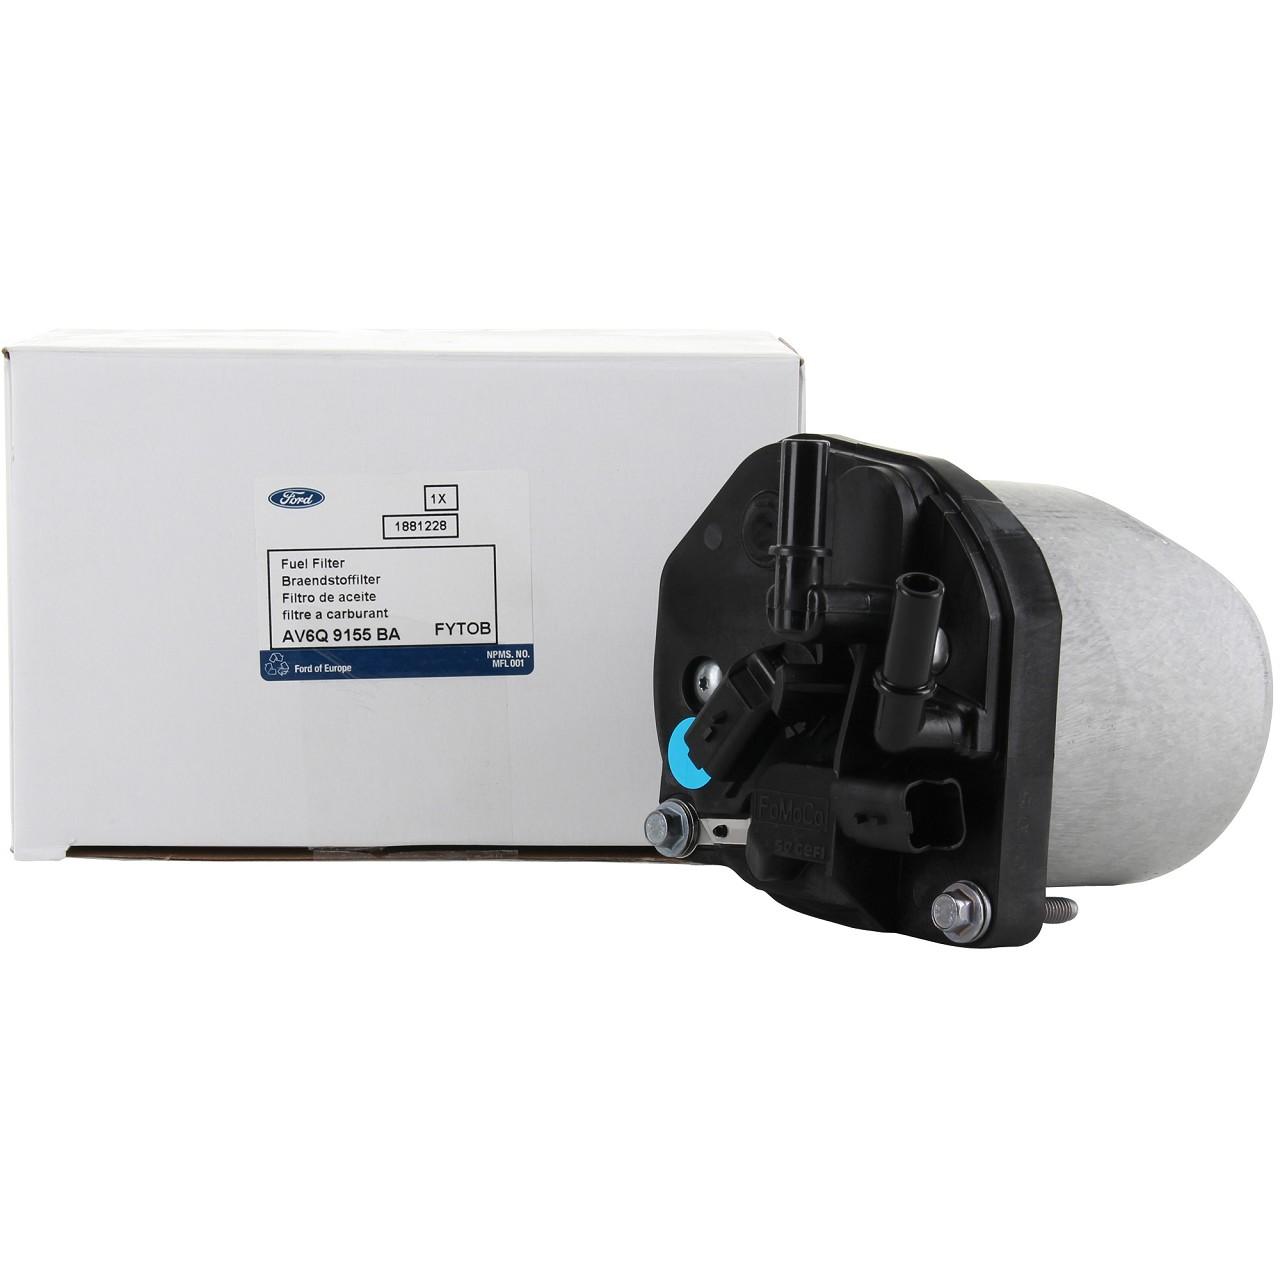 ORIGINAL Ford Kraftstofffilter Dieselfilter inkl. Gehäusedeckel 1.6TDCi 1881228